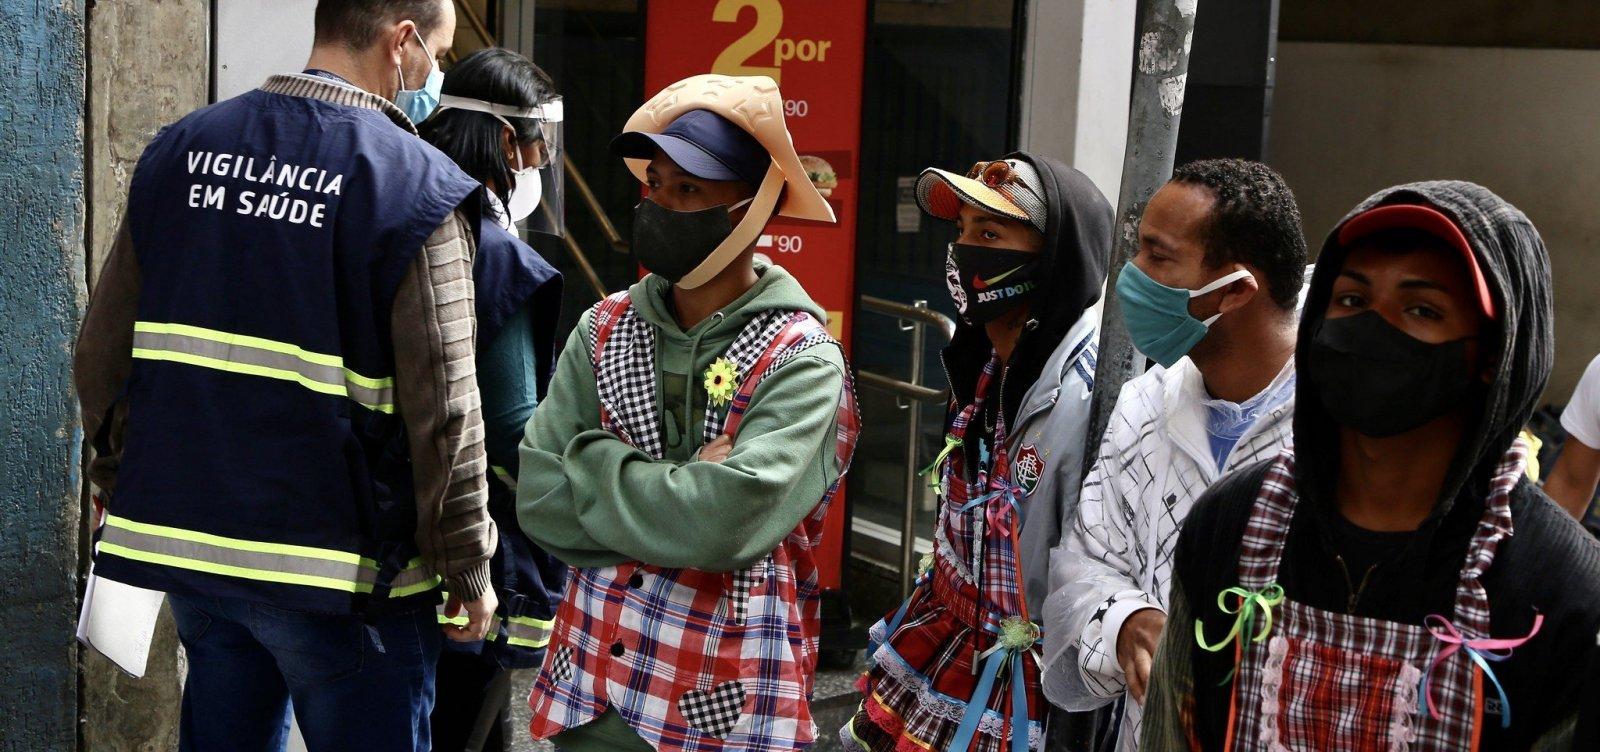 [Governo gastou até início de agosto 54% da verba destinada a ações contra a pandemia]